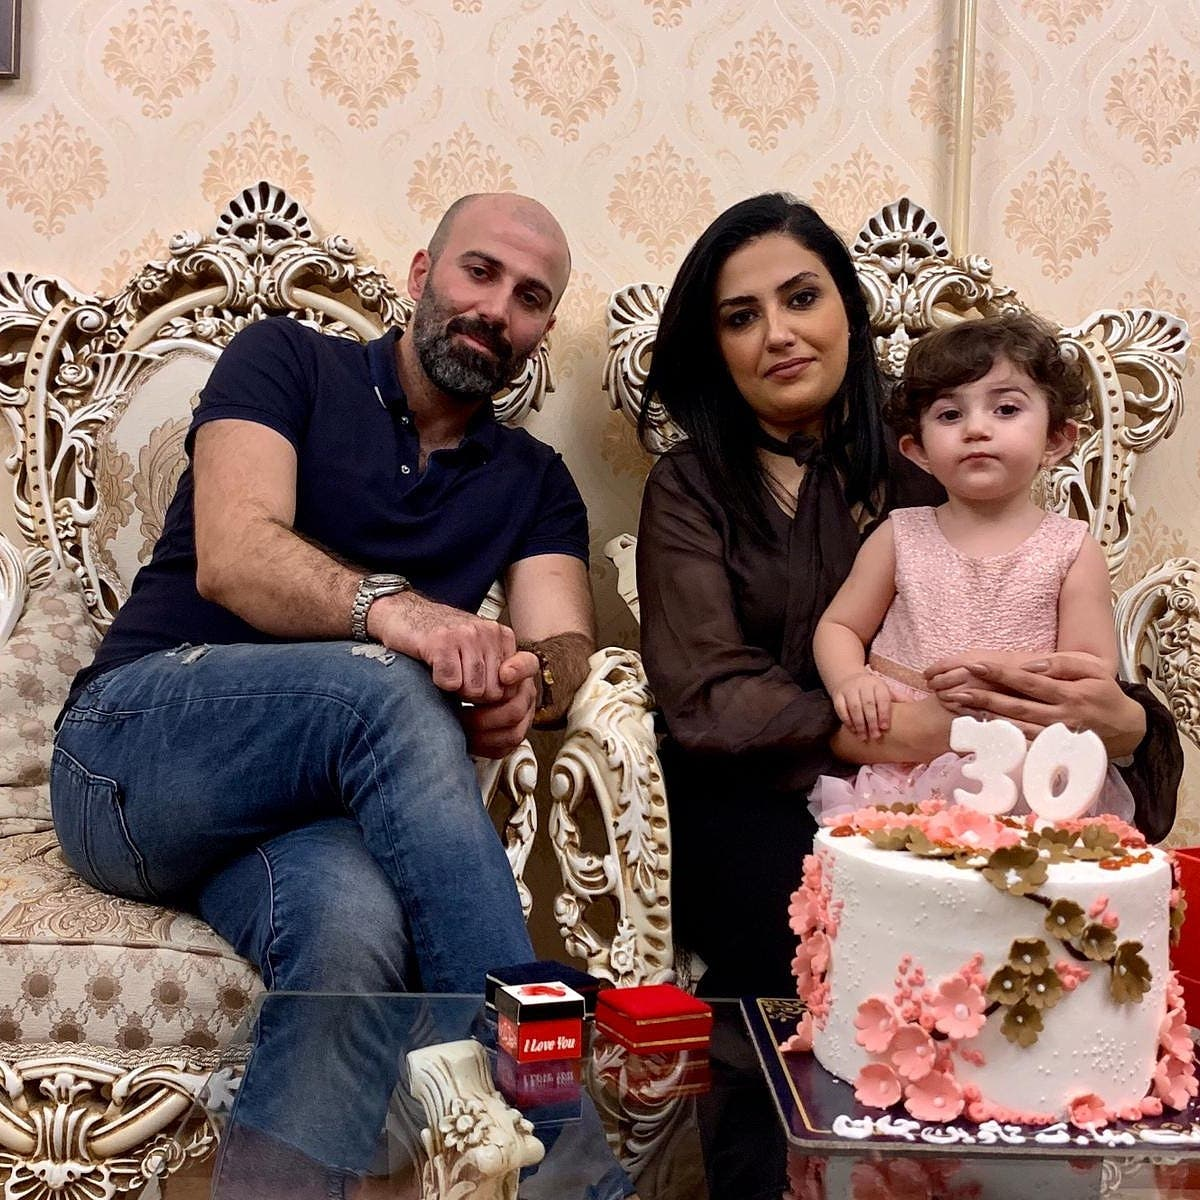 خواهر او آوین با همسر و دخترش